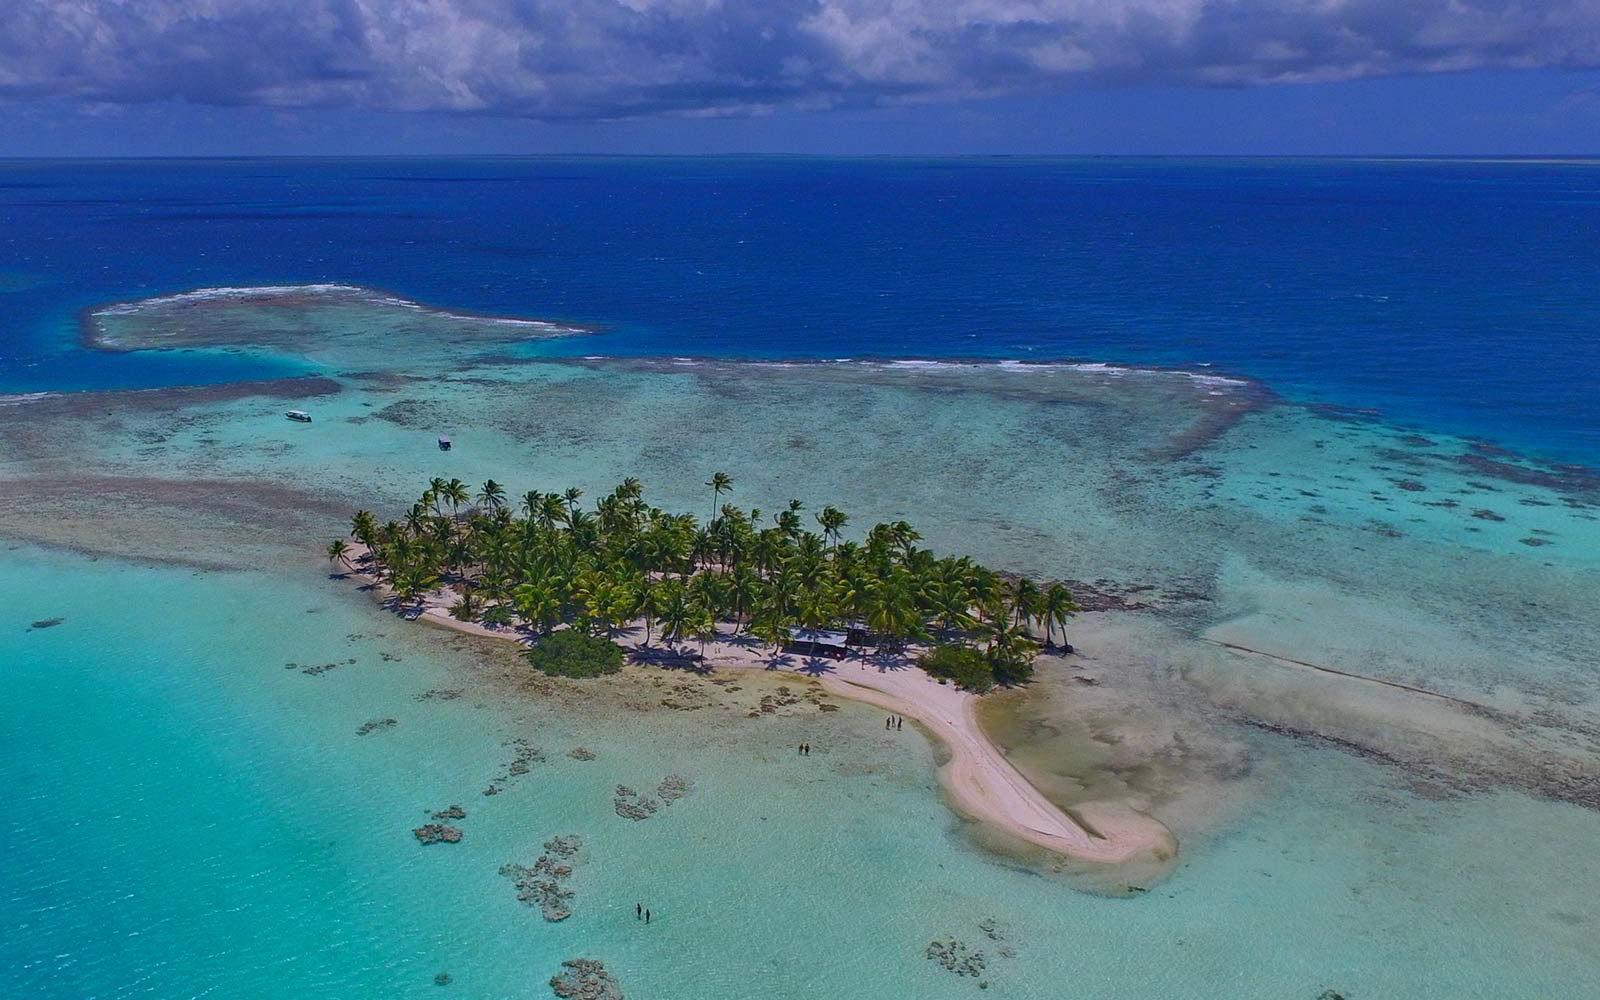 Un piccolo atollo polinesiano.